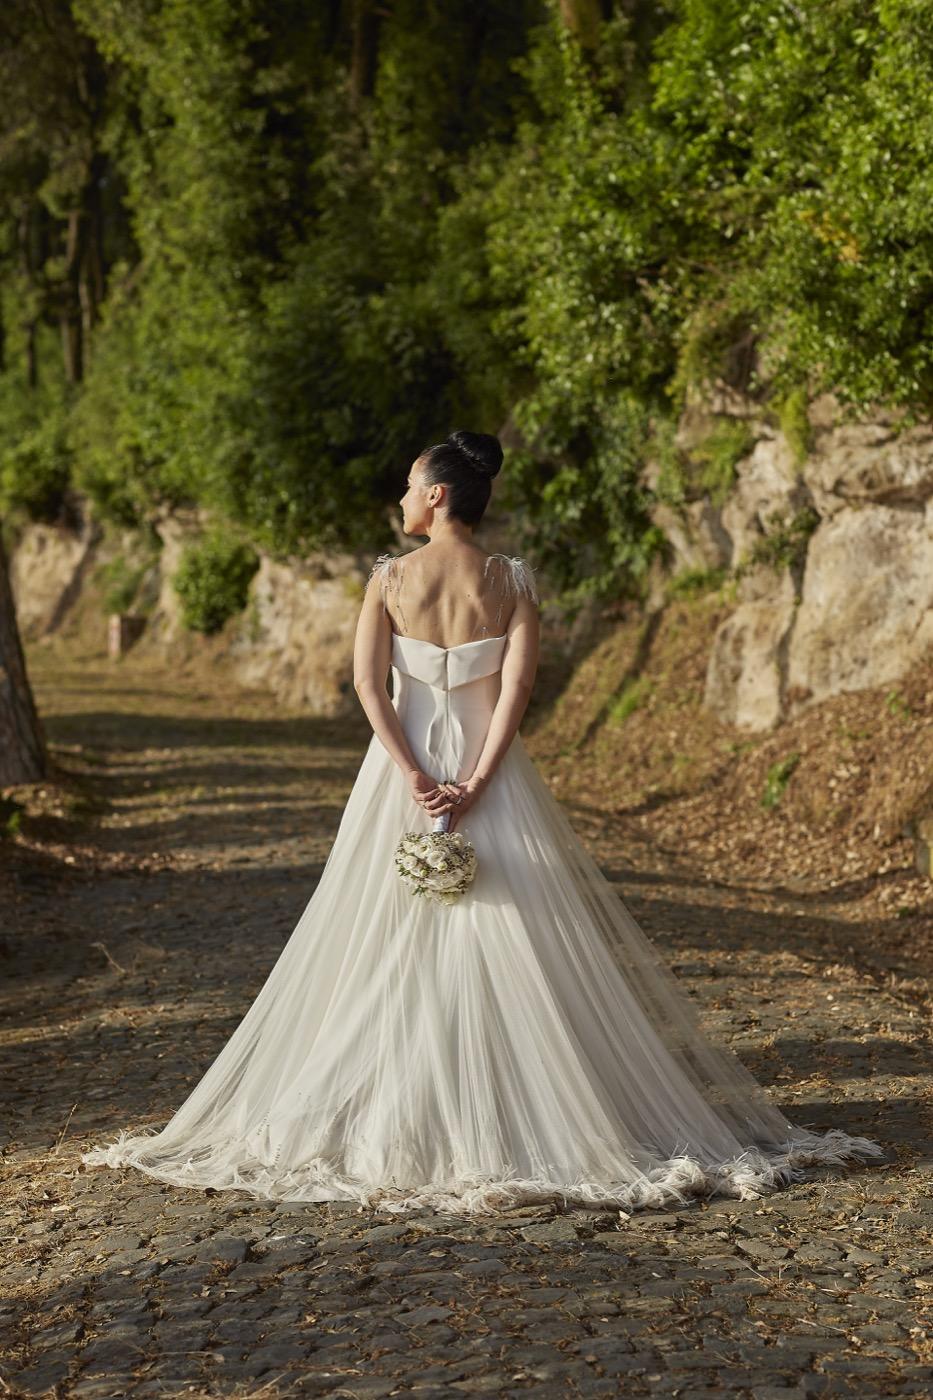 Claudio-Coppola-wedding-photographer-villa-del-cardinale-rocca-di-papa-castel-gandolfo-81